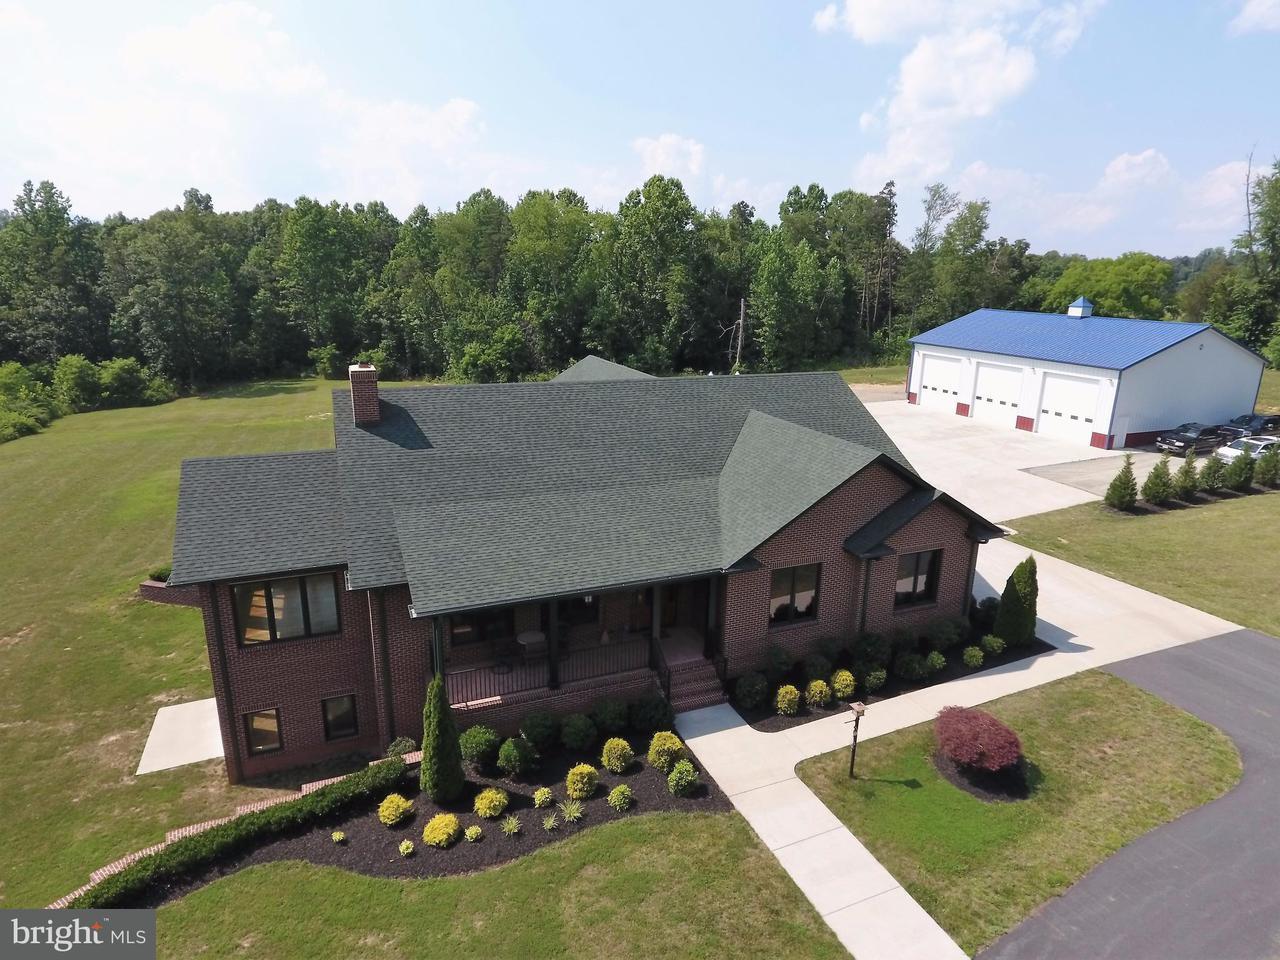 一戸建て のために 売買 アット 3451 LILLARDS FORD 3451 LILLARDS FORD Brightwood, バージニア 22715 アメリカ合衆国